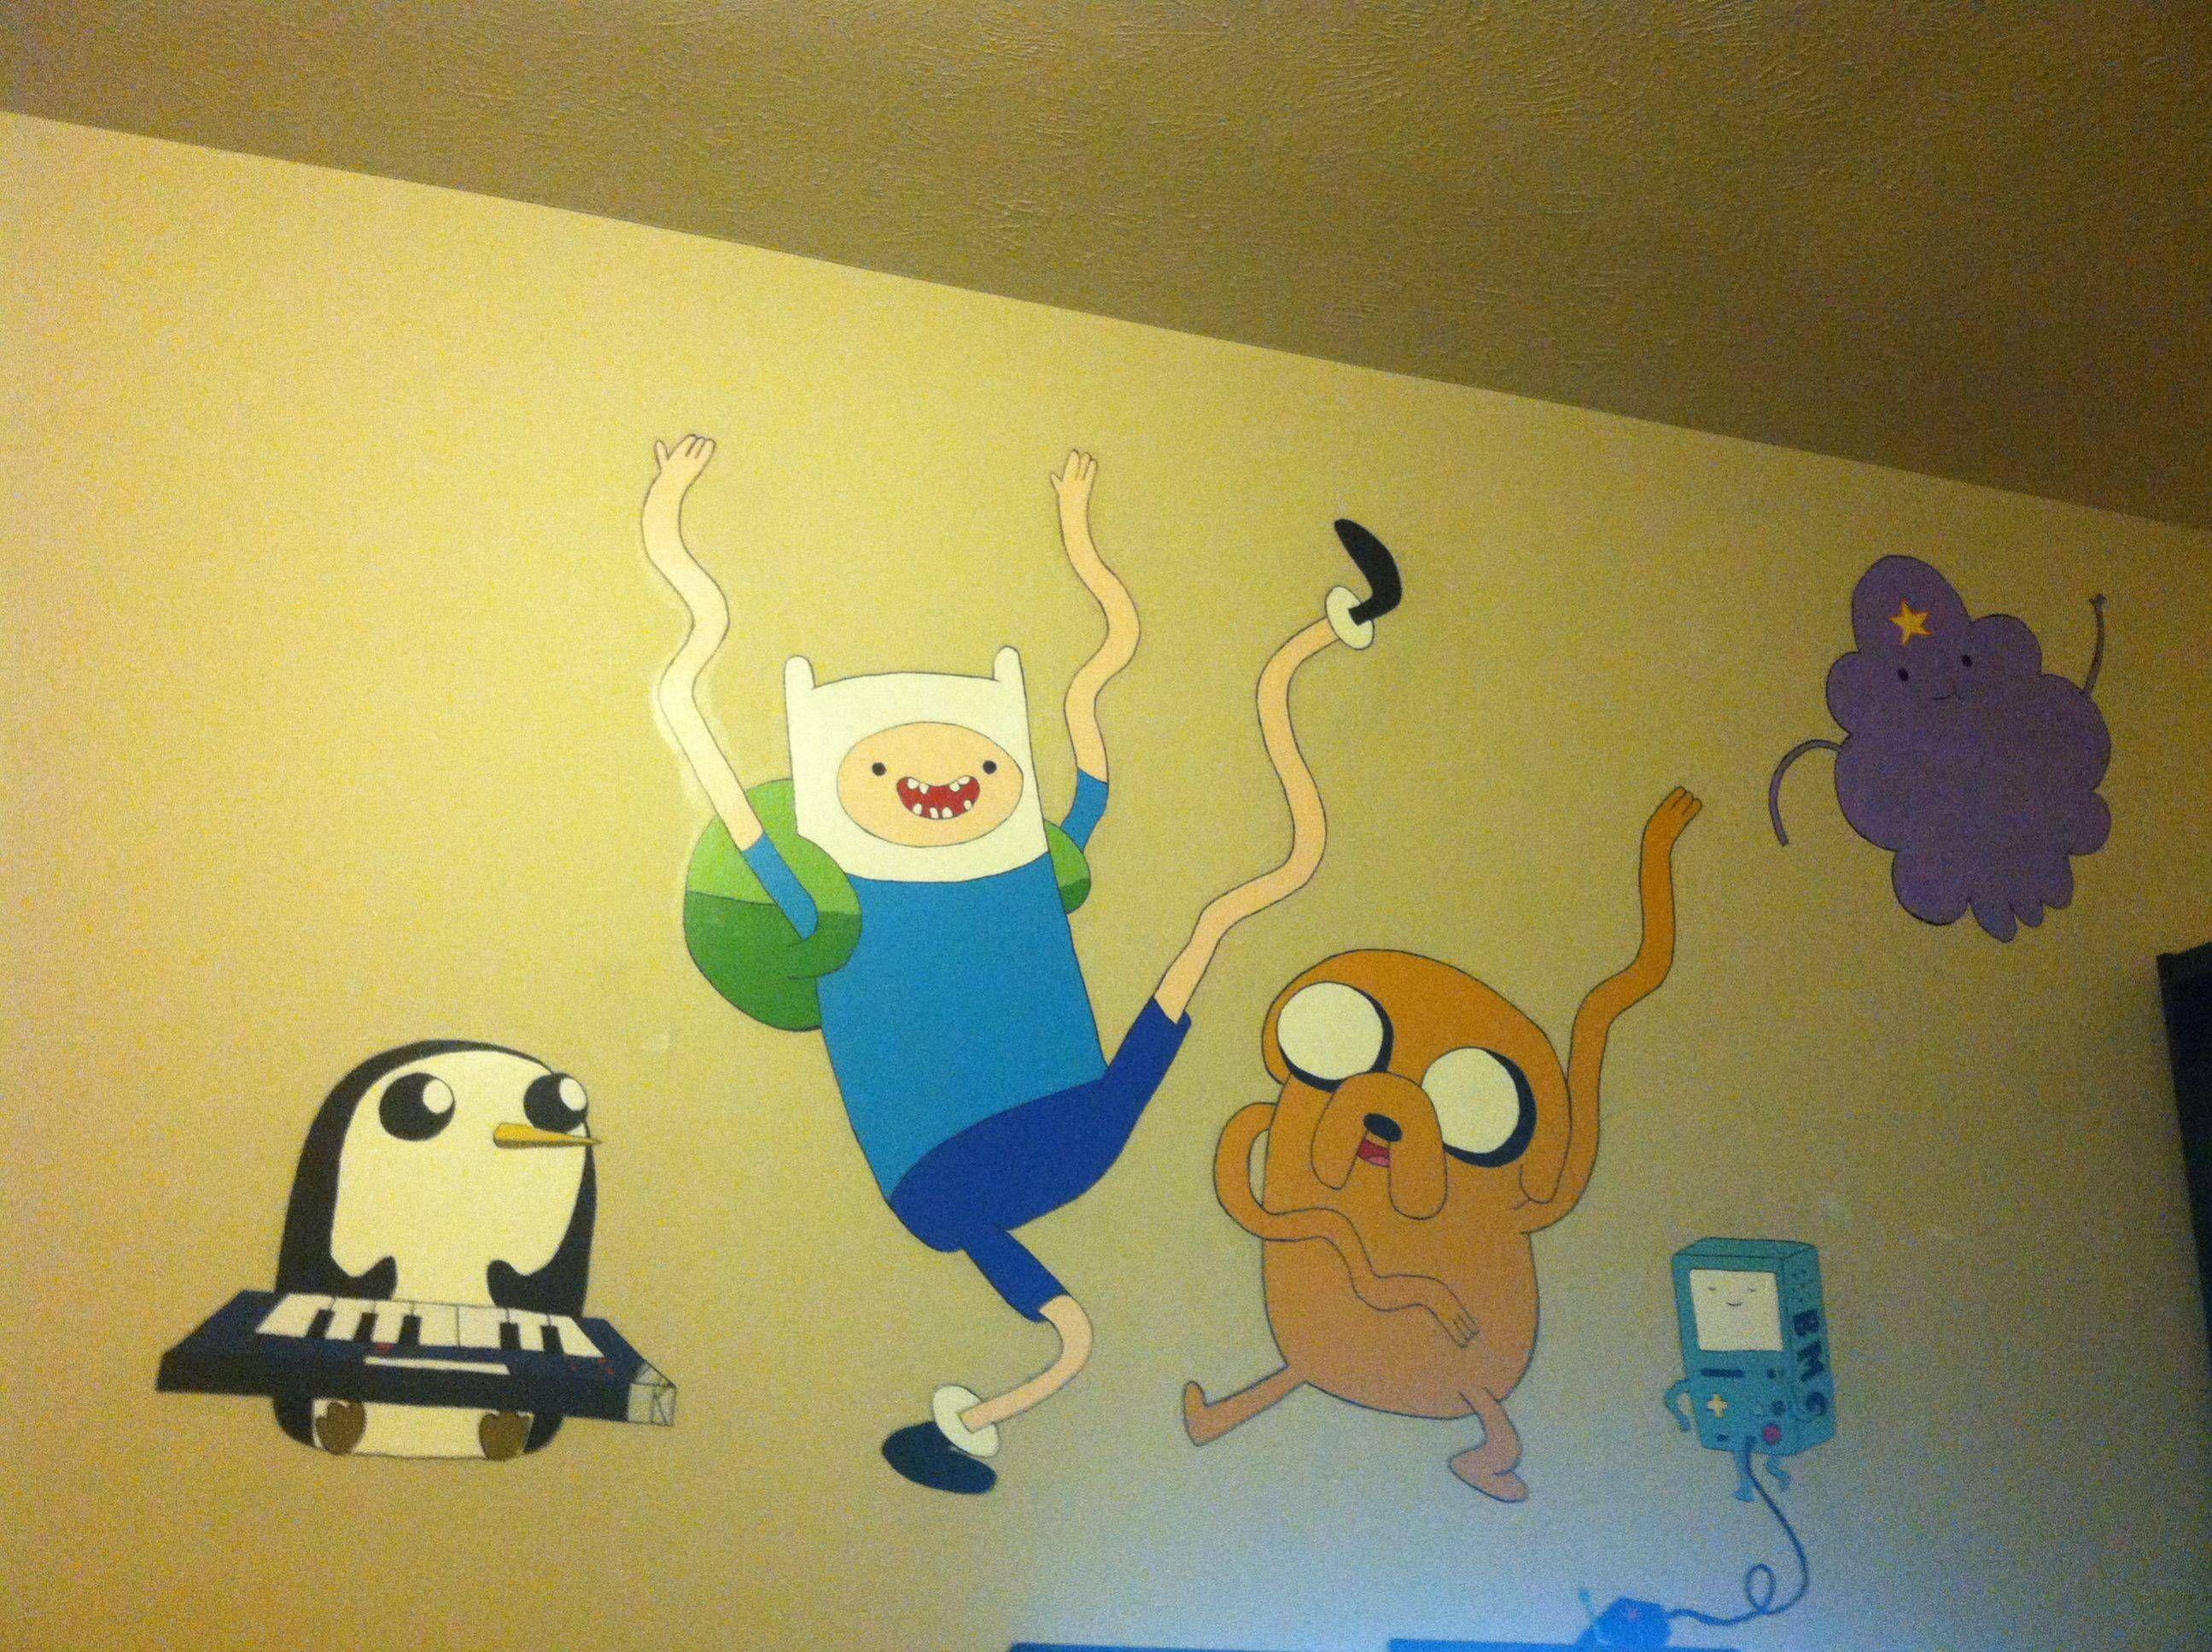 Cute Adventure Time mural | Kids - Food | Pinterest | Humor